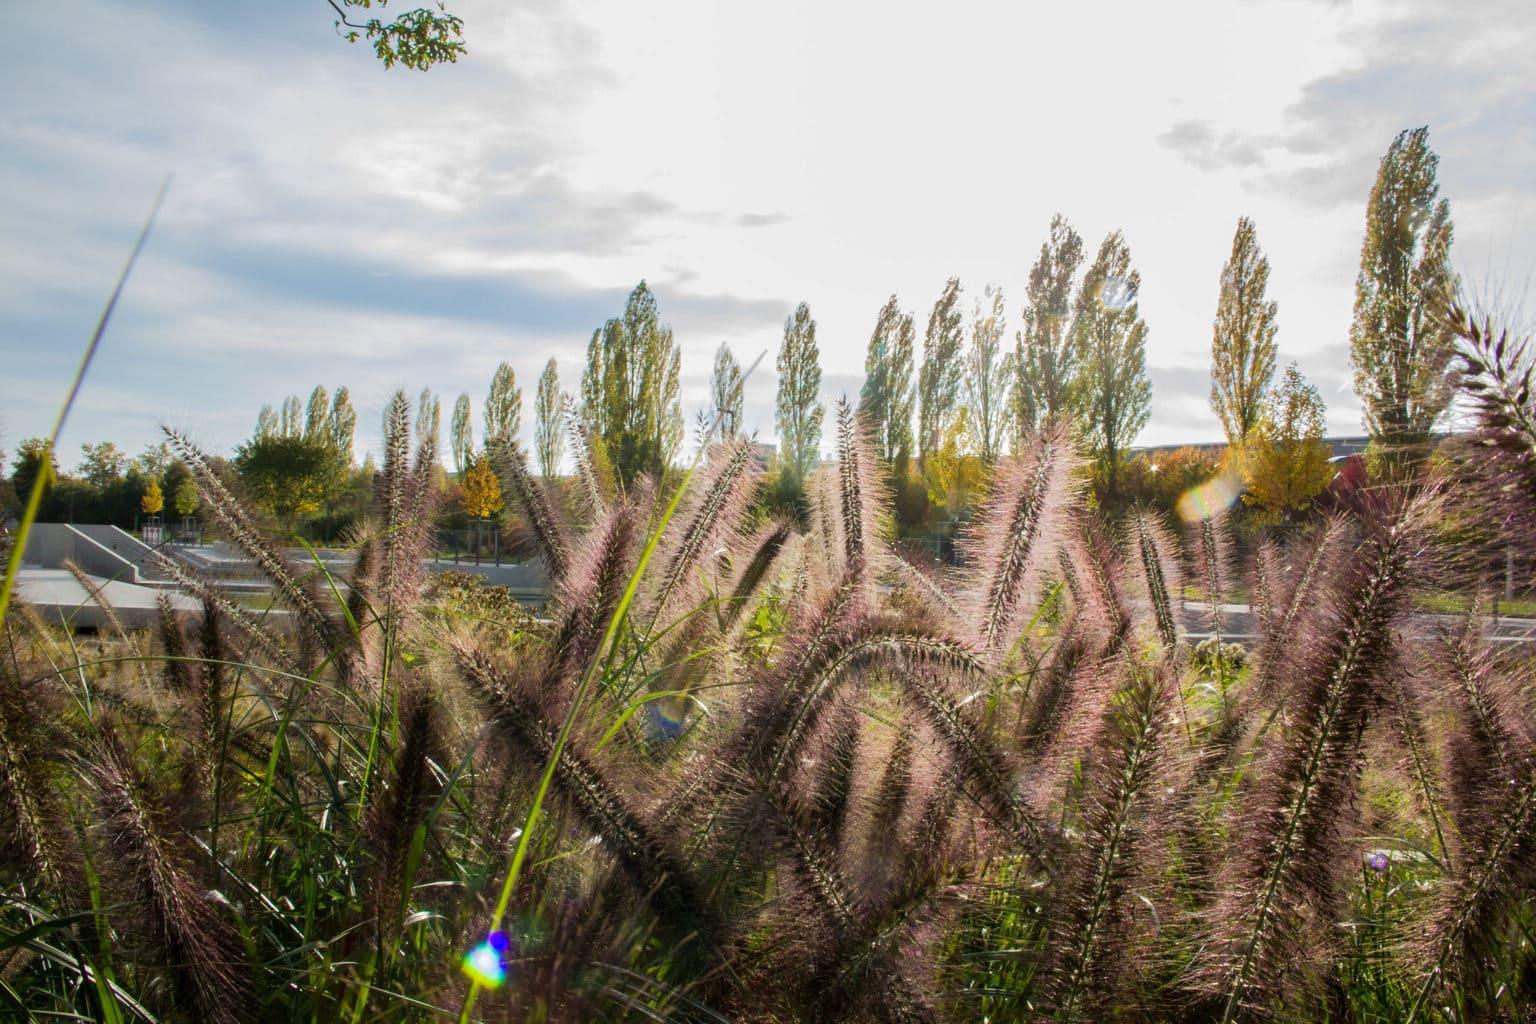 Pampasgrad in de buurt van Ingolstadt waar een van de tuinbouwtentoonstellingen in Duitsland plaatsvindt